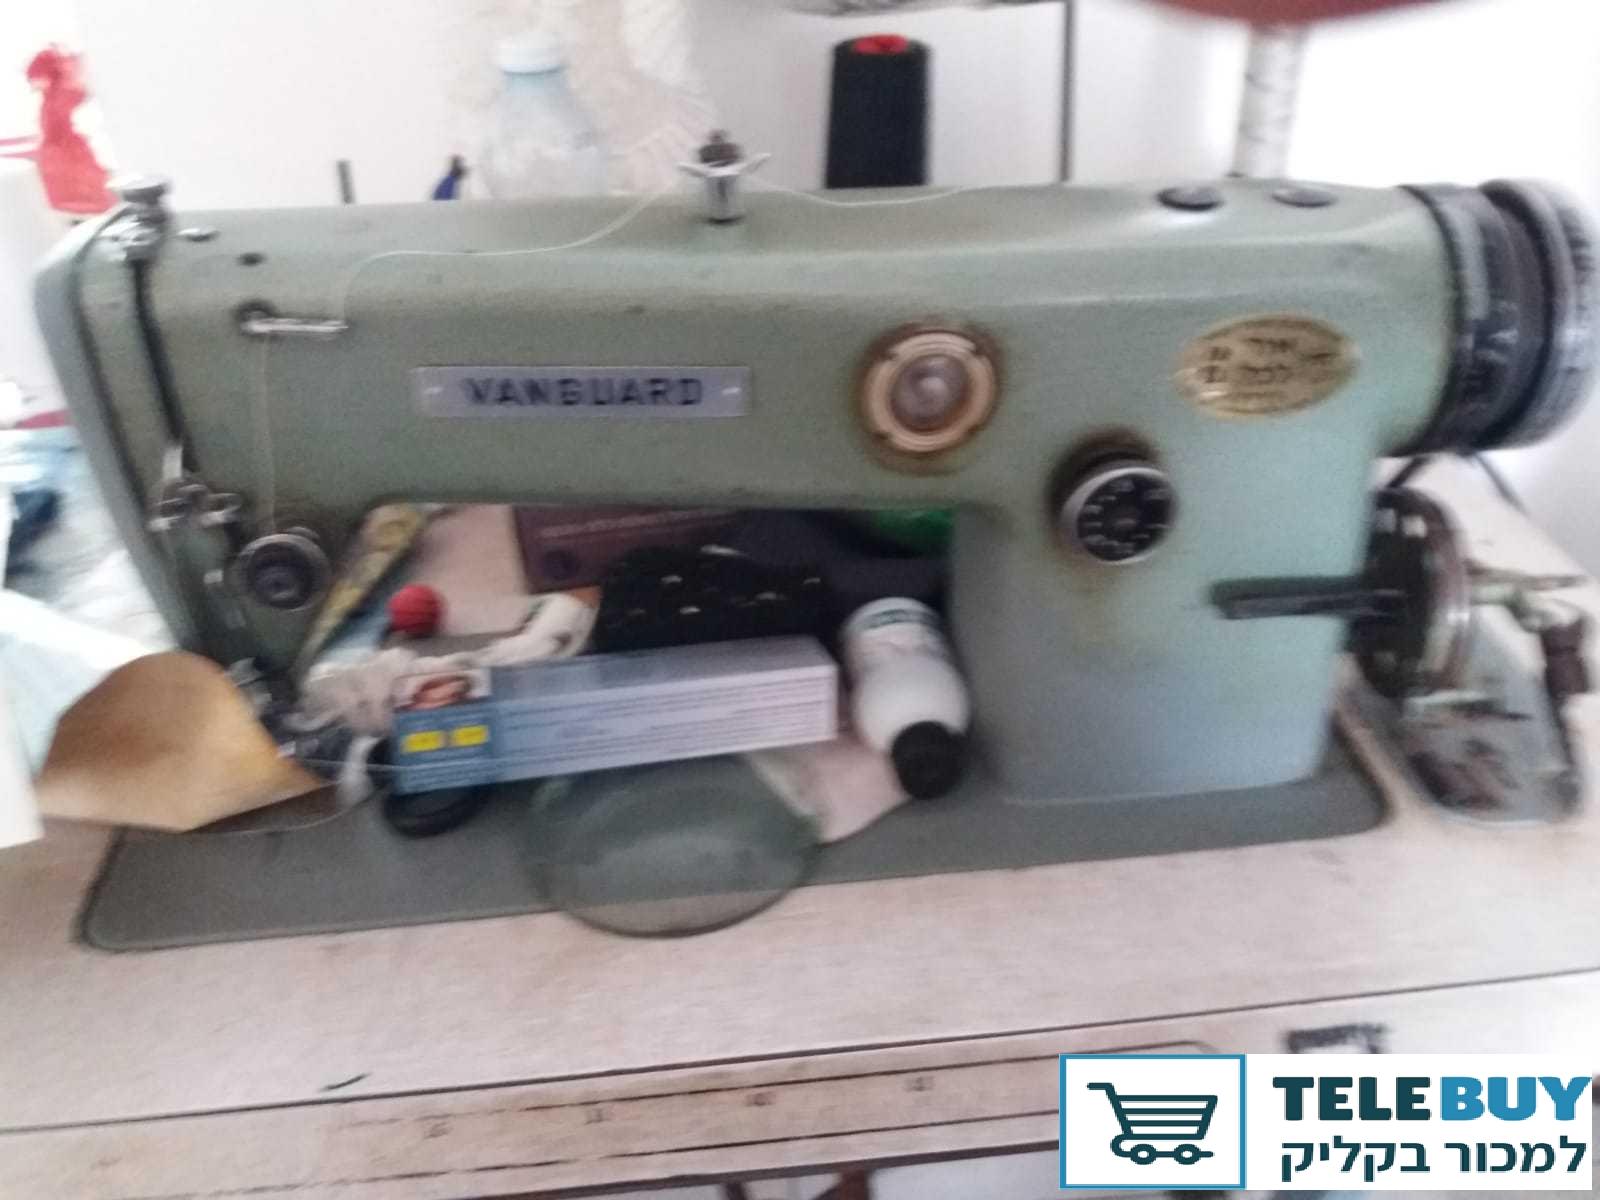 מוצרי חשמל מכונת תפירה באשדוד ואשקלון